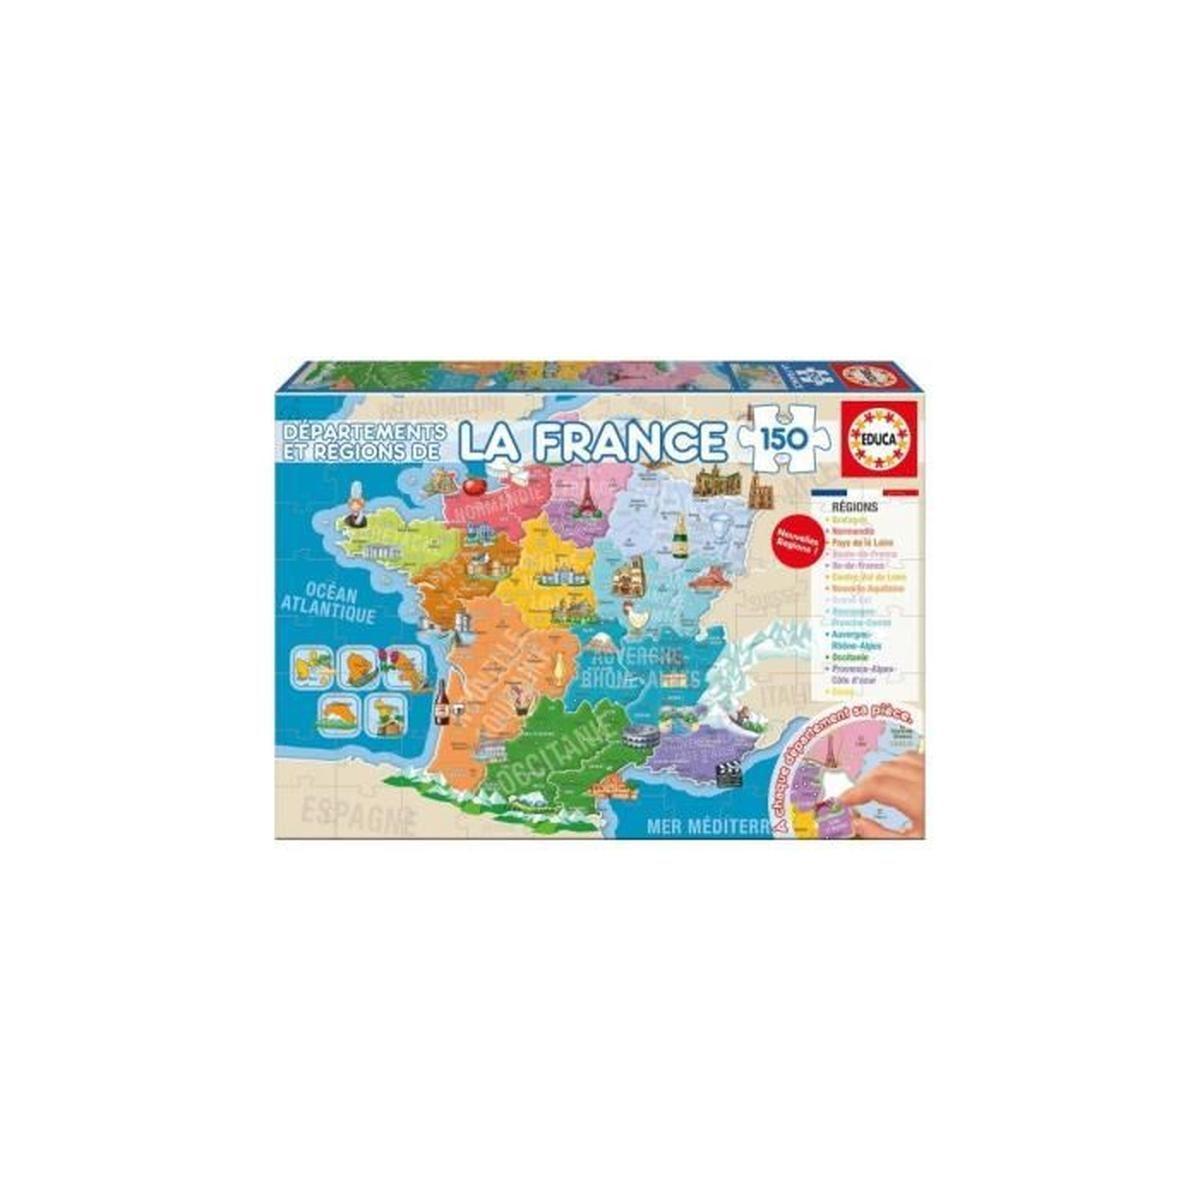 Puzzle Enfant - Carte De France : Les Departements Et Regions - 150 Pieces  - Jeu Educatifs avec Jeu Carte De France